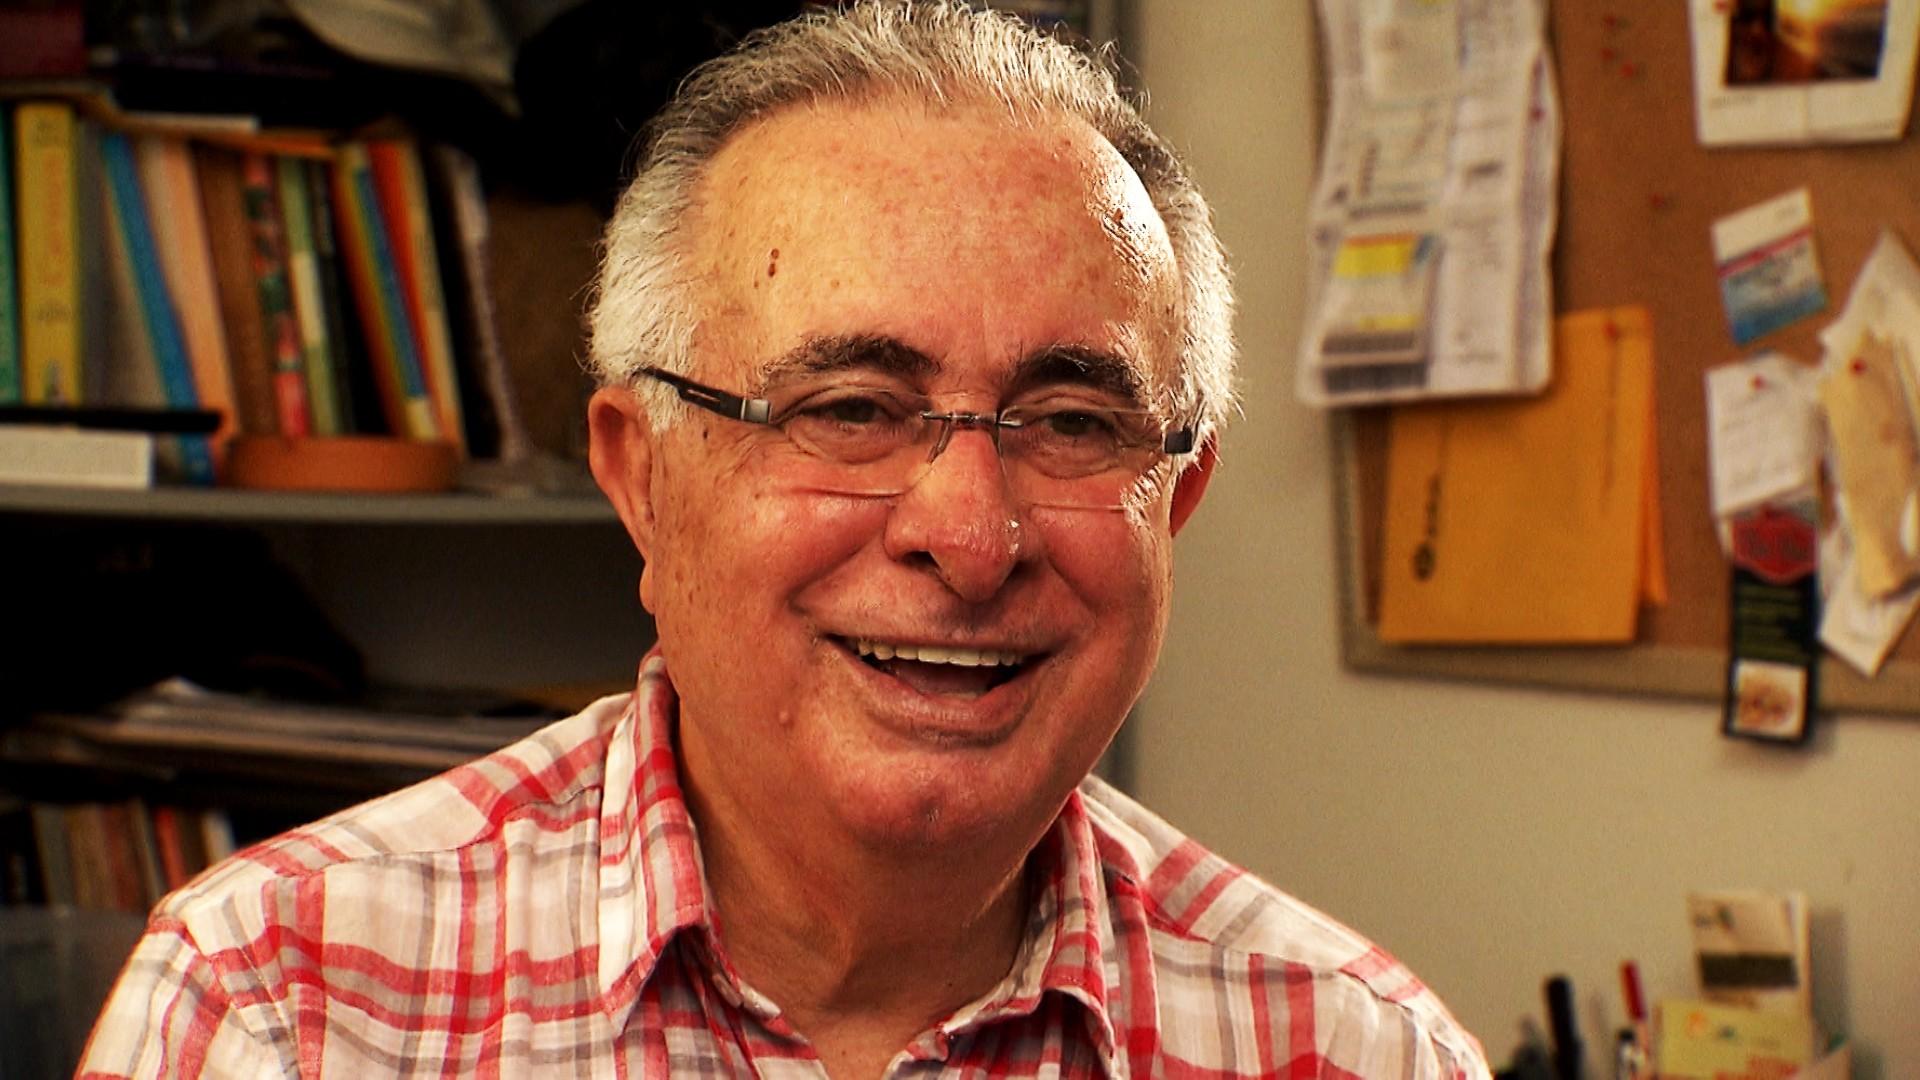 Roberto Sant'Ana sobre a axé music: 'não é um movimento, é um segmento carnavalesco' (Foto: Divulgação)